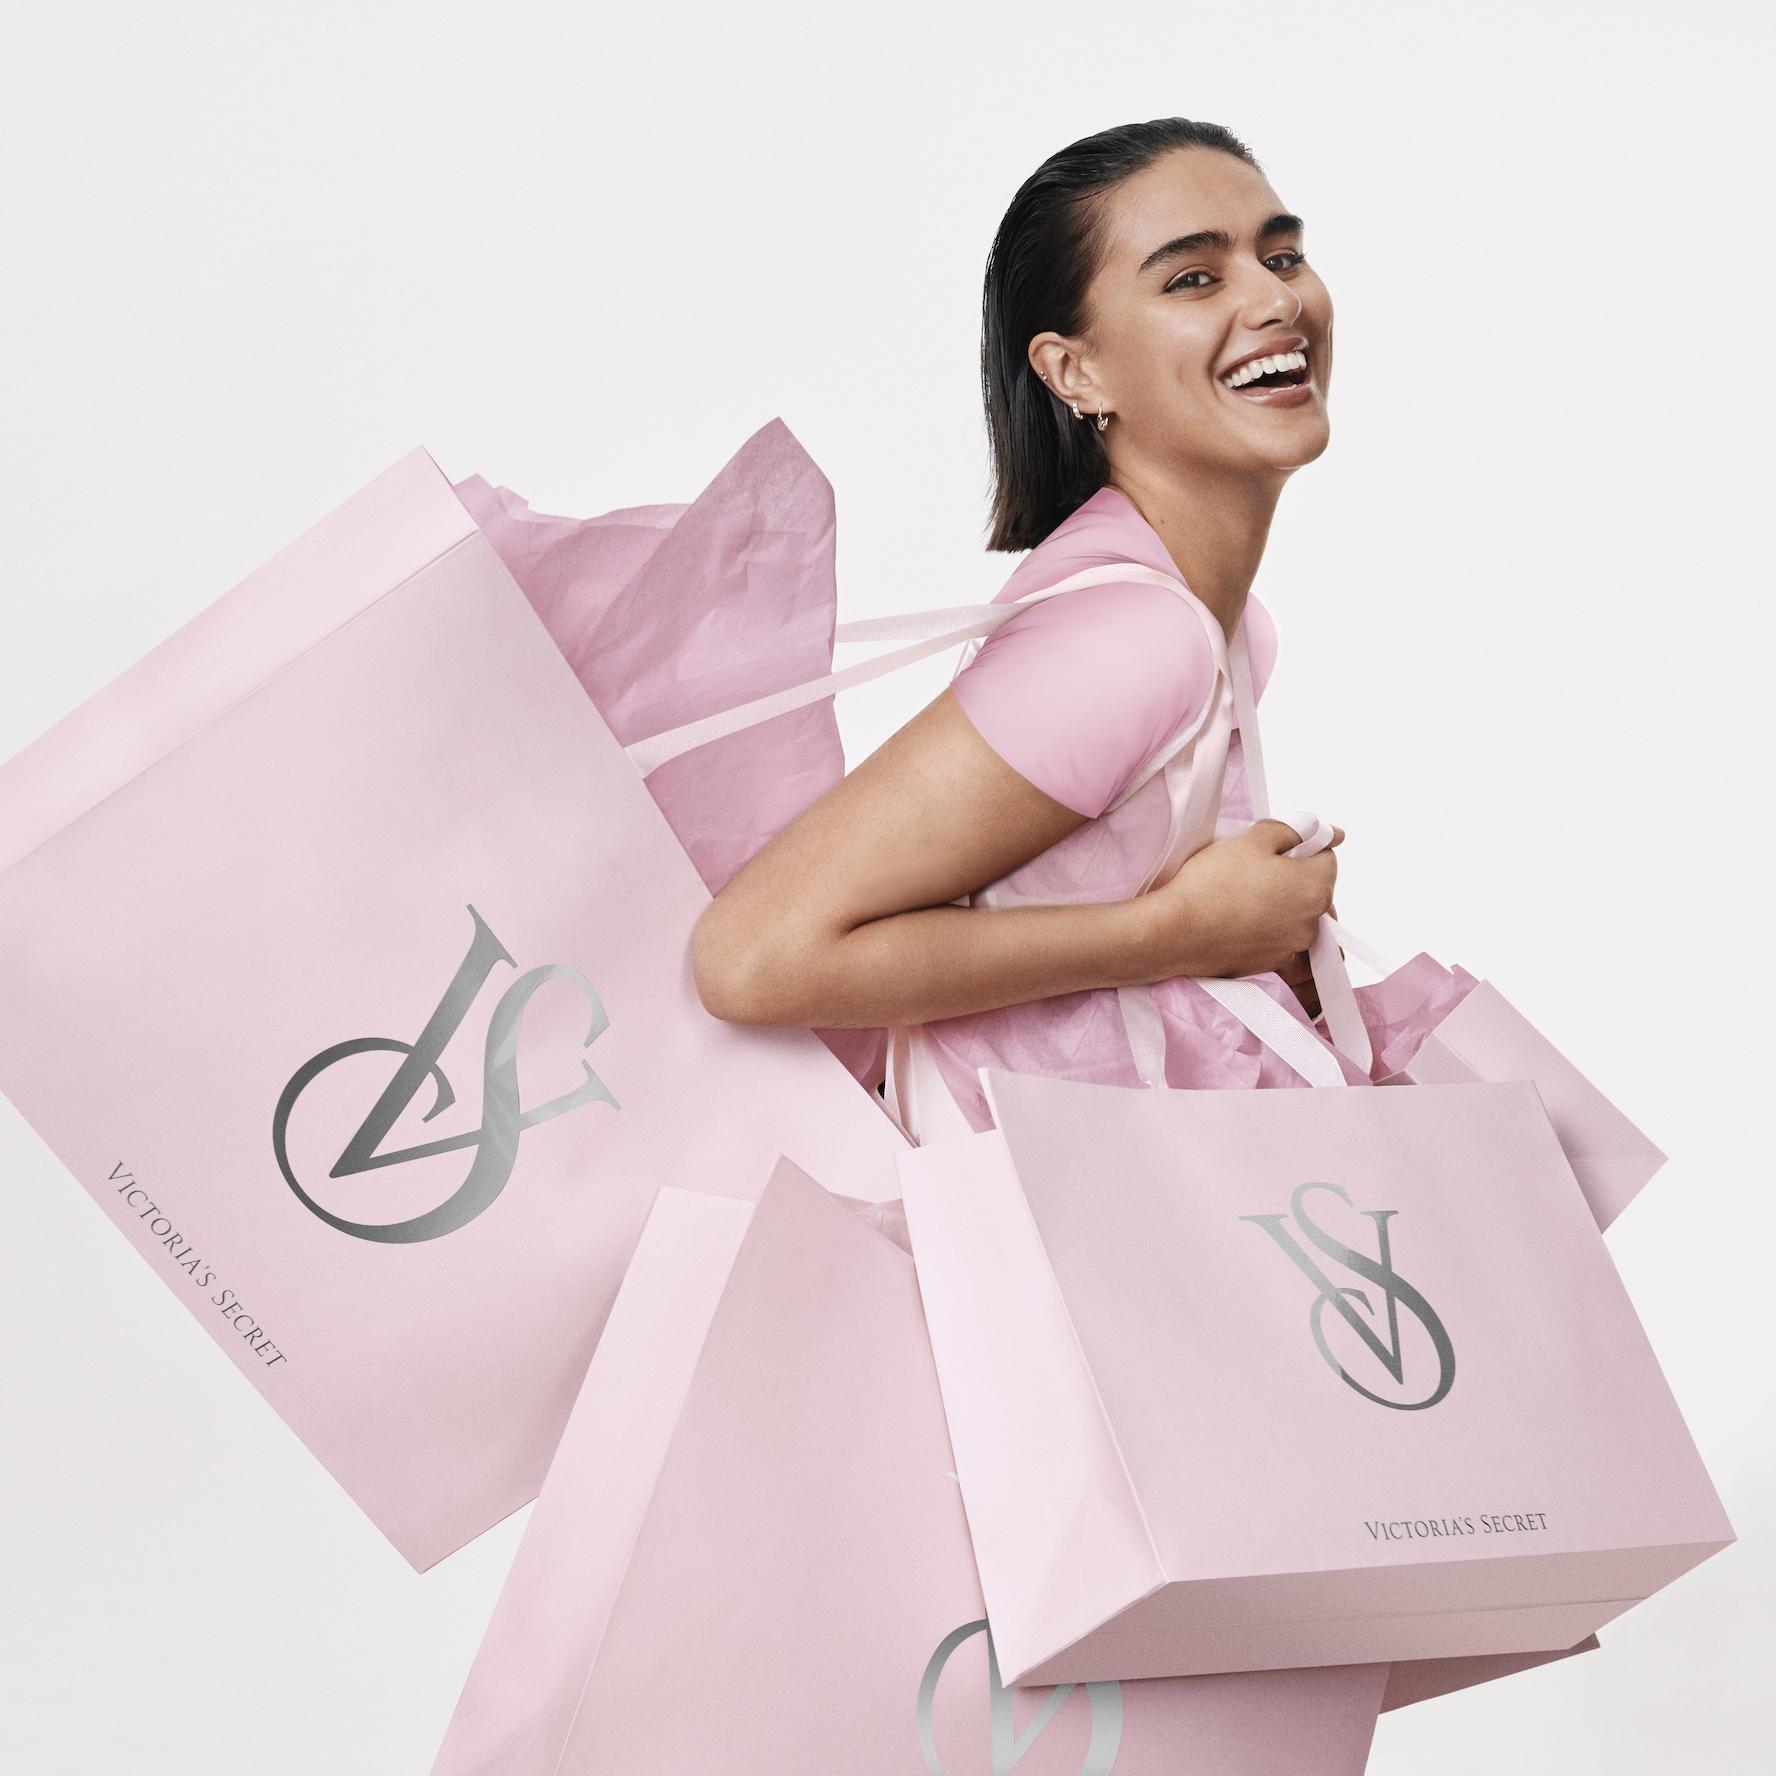 50-60% Semi Annual Sale at Victoria's Secret!